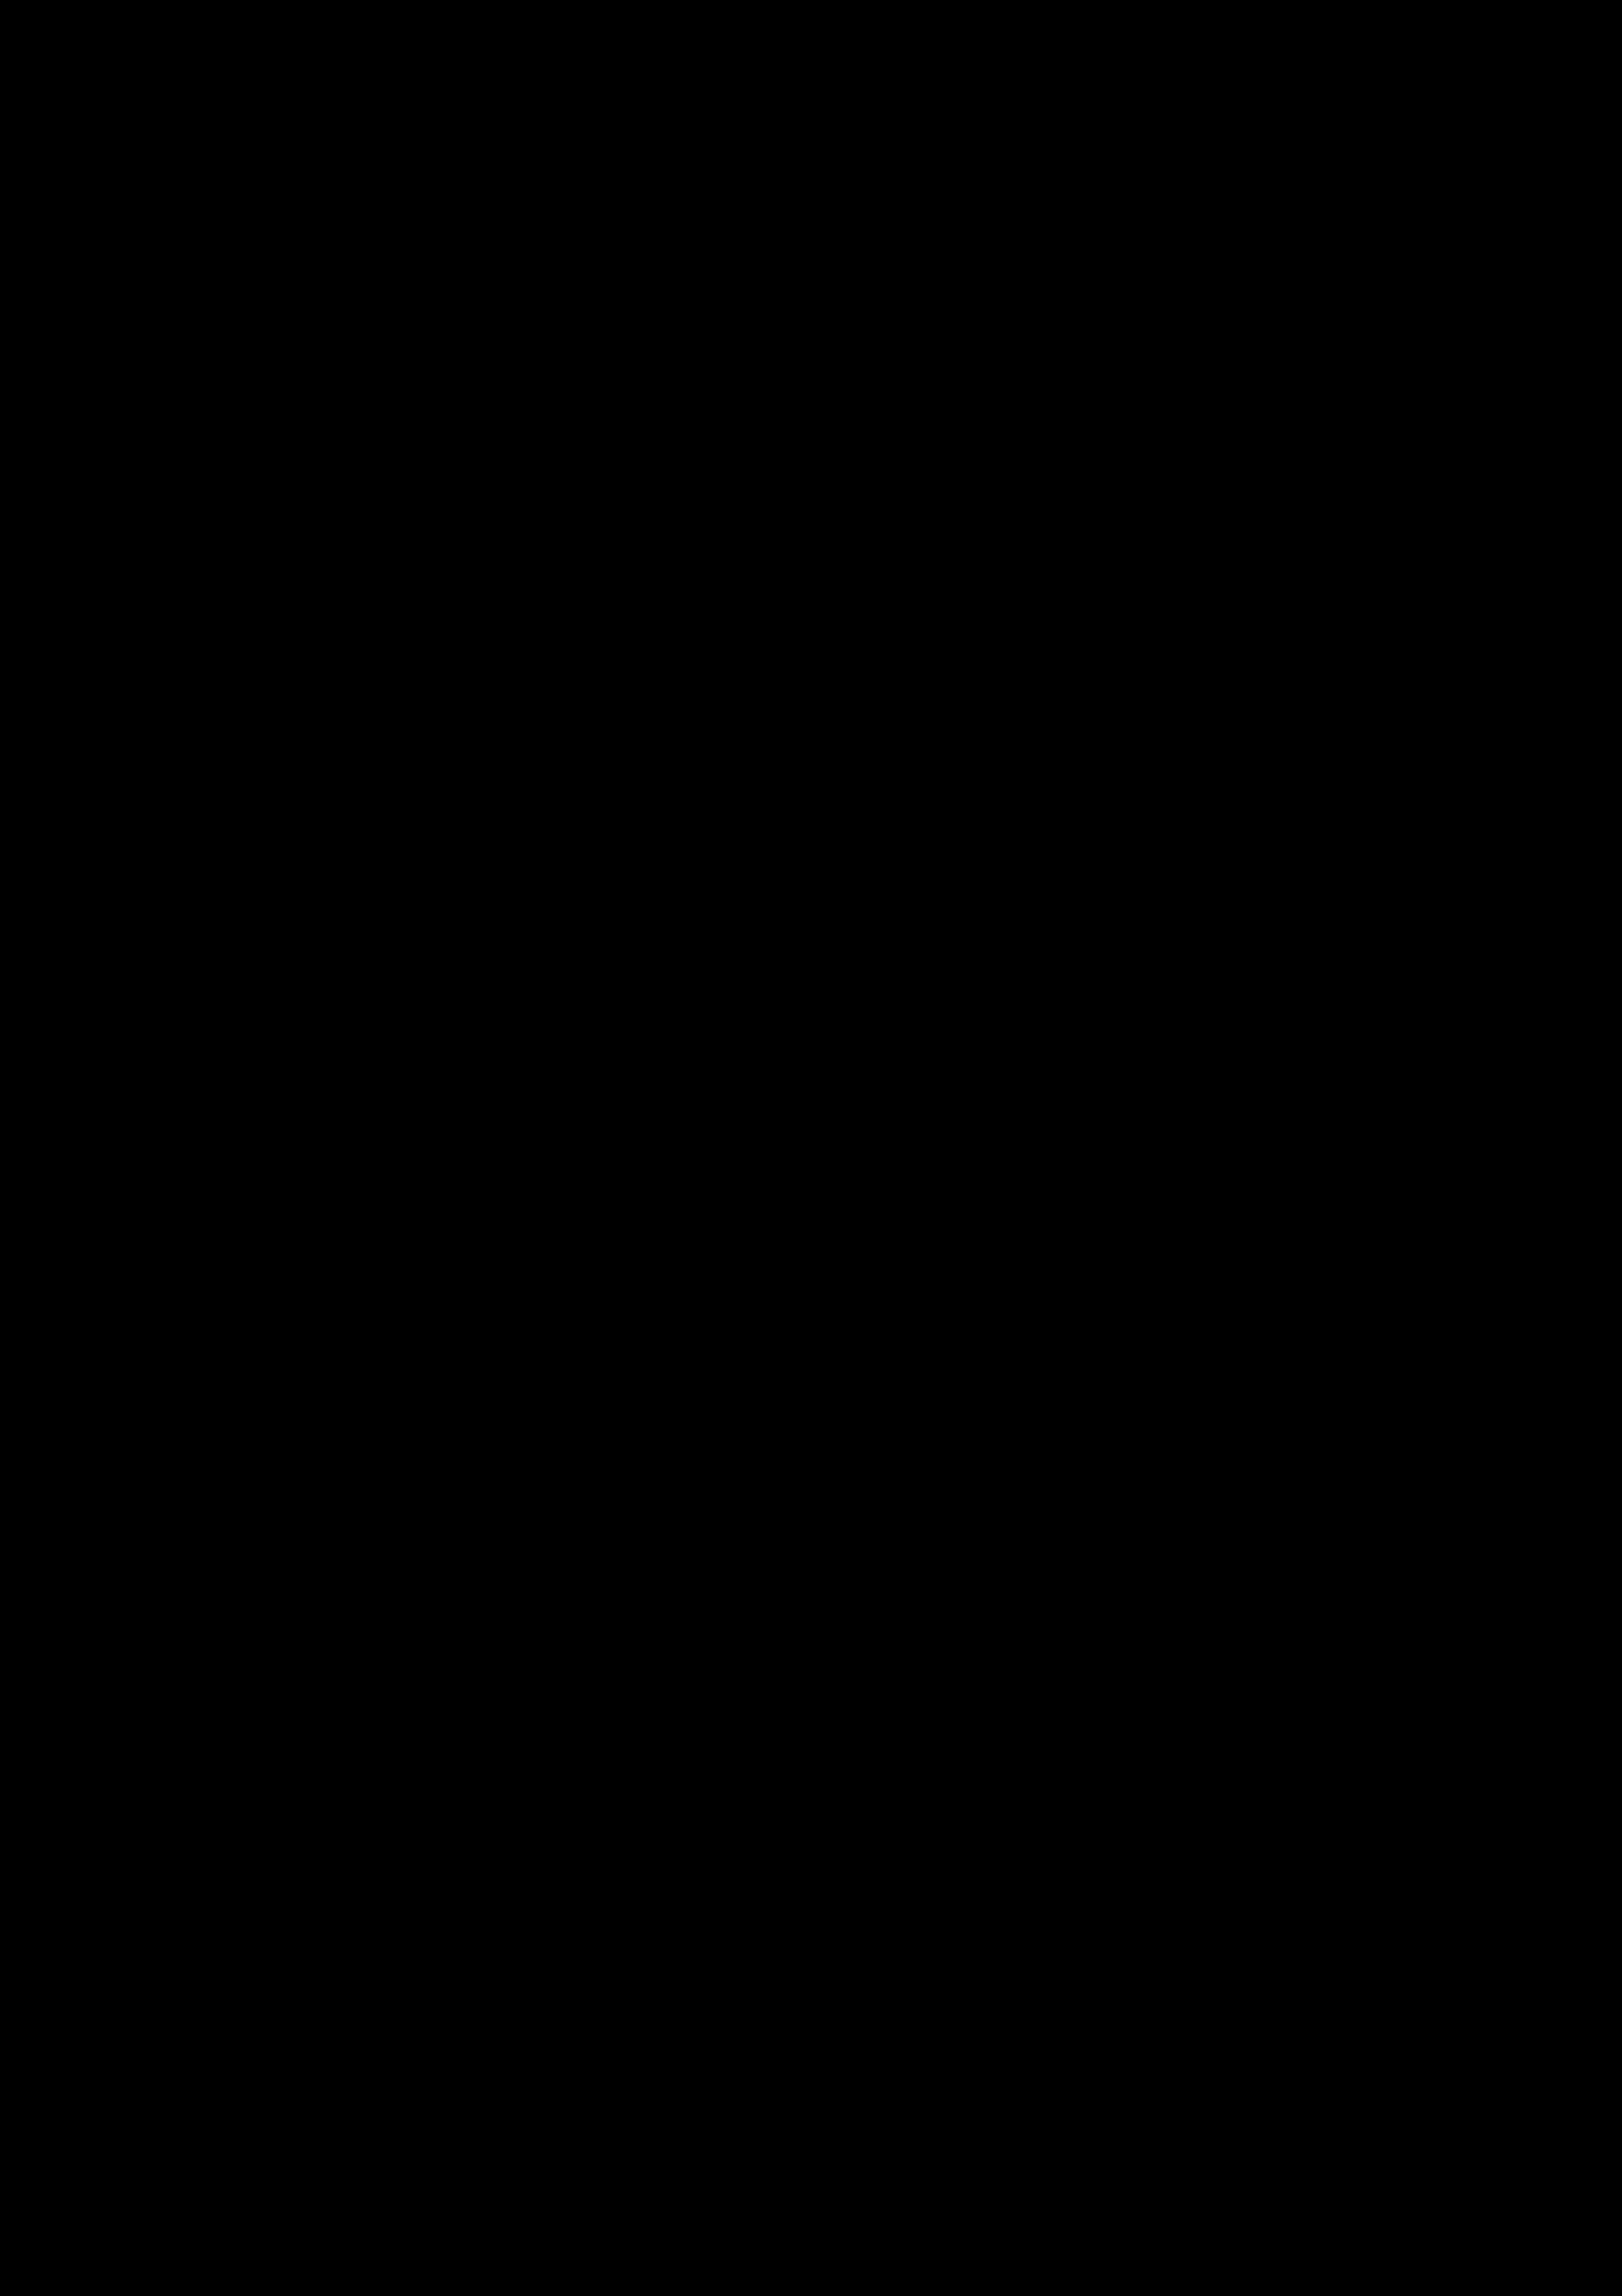 Roda - Redovna akcija Star wars i Frozen